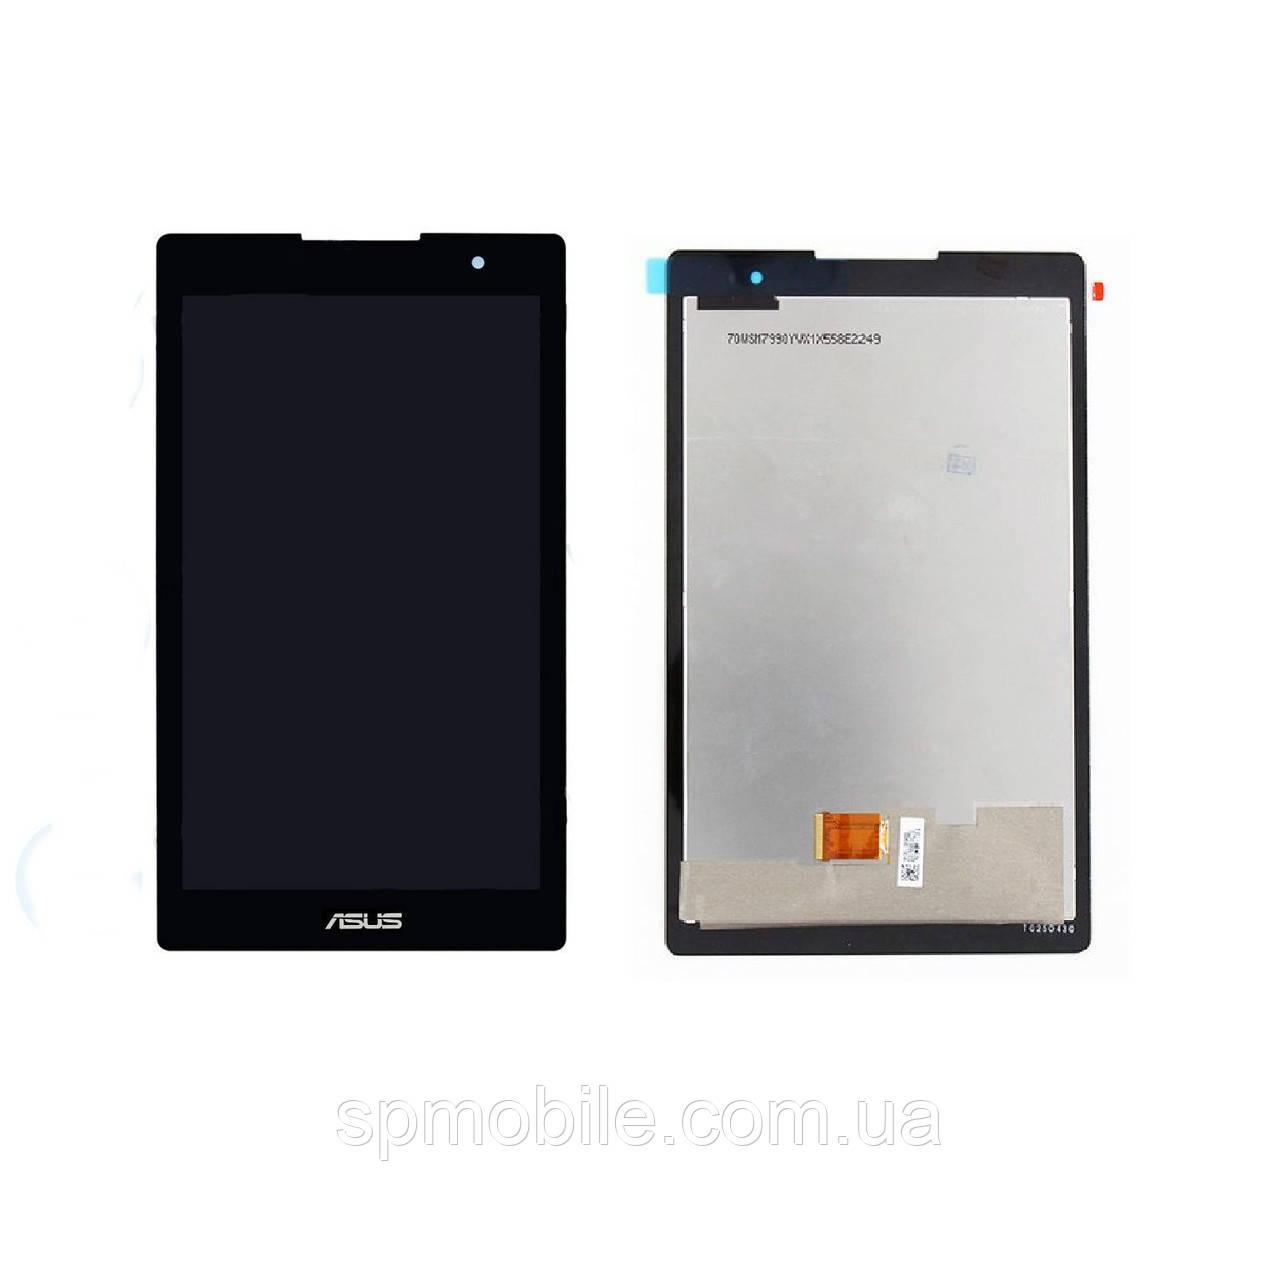 Дисплей Asus Z170CG ZenPad C (P01Y / P01Z) с тачскрином в рамке (Black)  Original